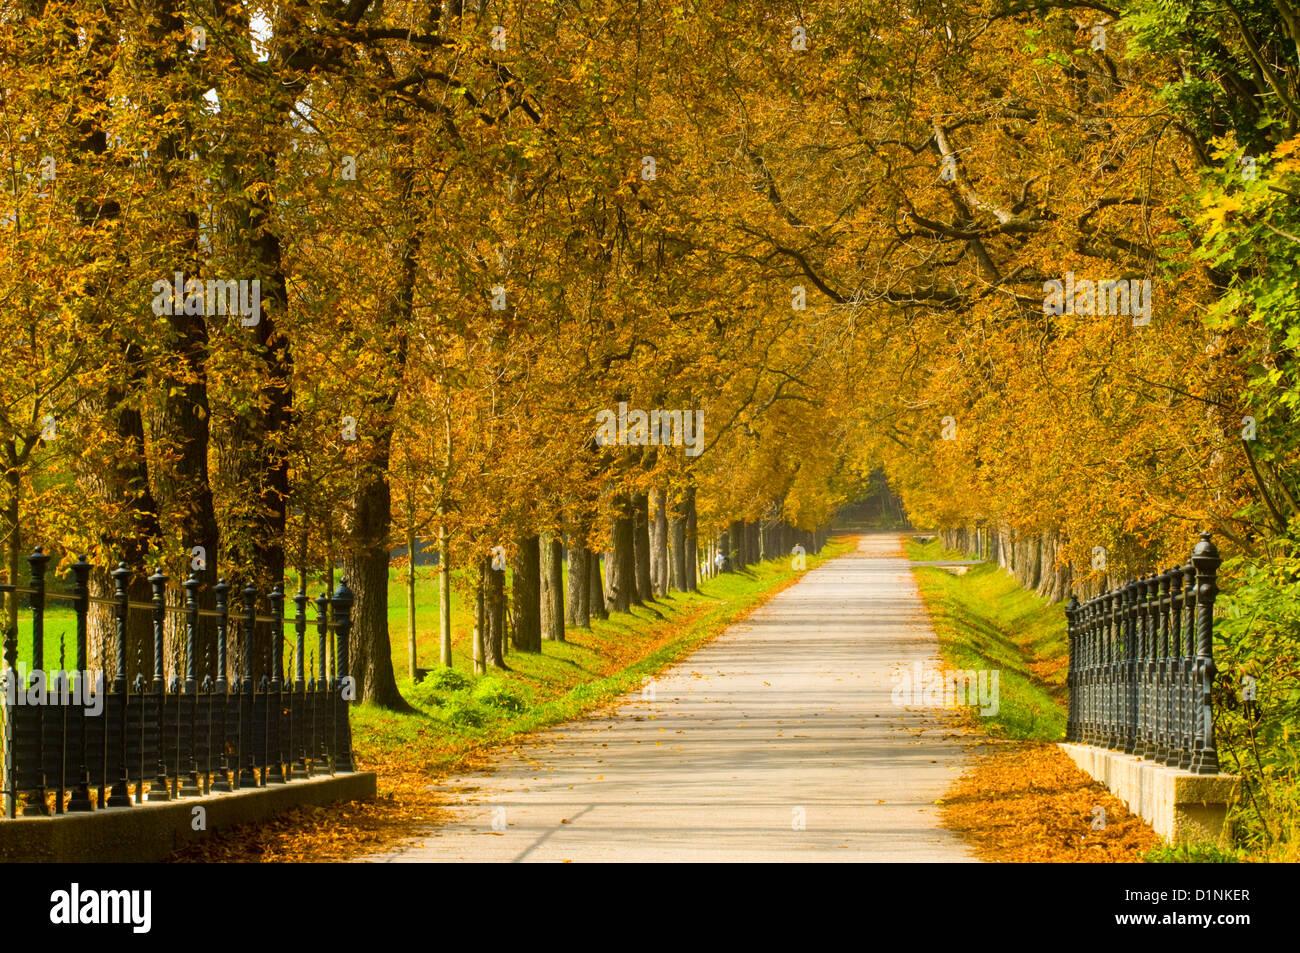 Österreich, Wien 13, Lainzer Tiergarten, ein ehemals eingefriedetes kaiserliches Jagdgebiet in Wien. - Stock Image